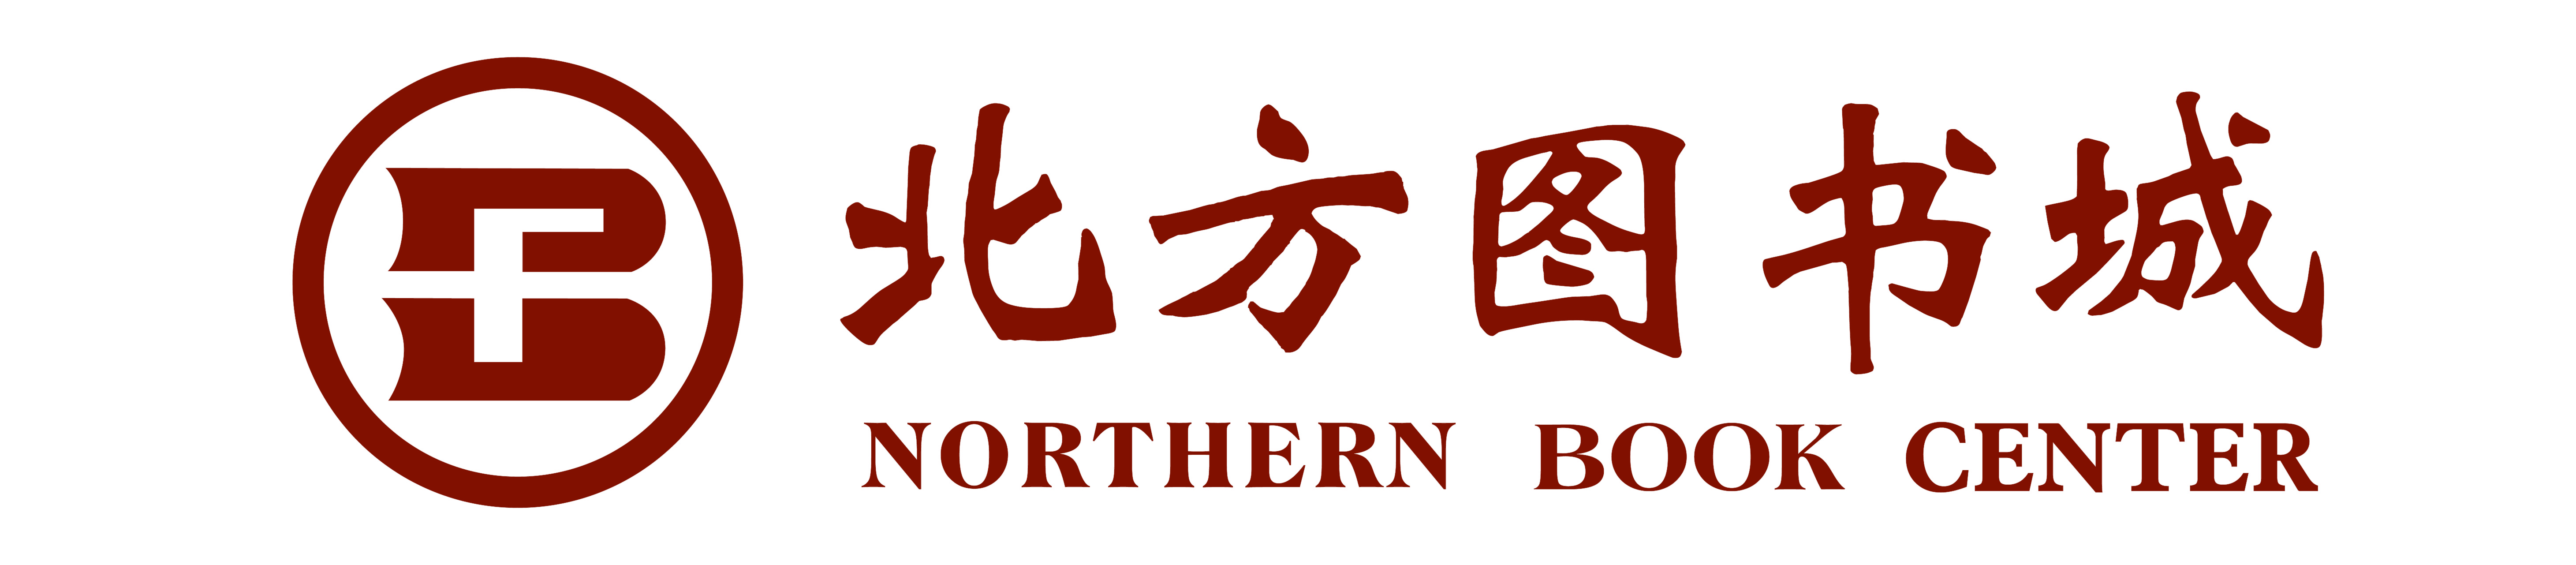 北方图书城生活用品专营店